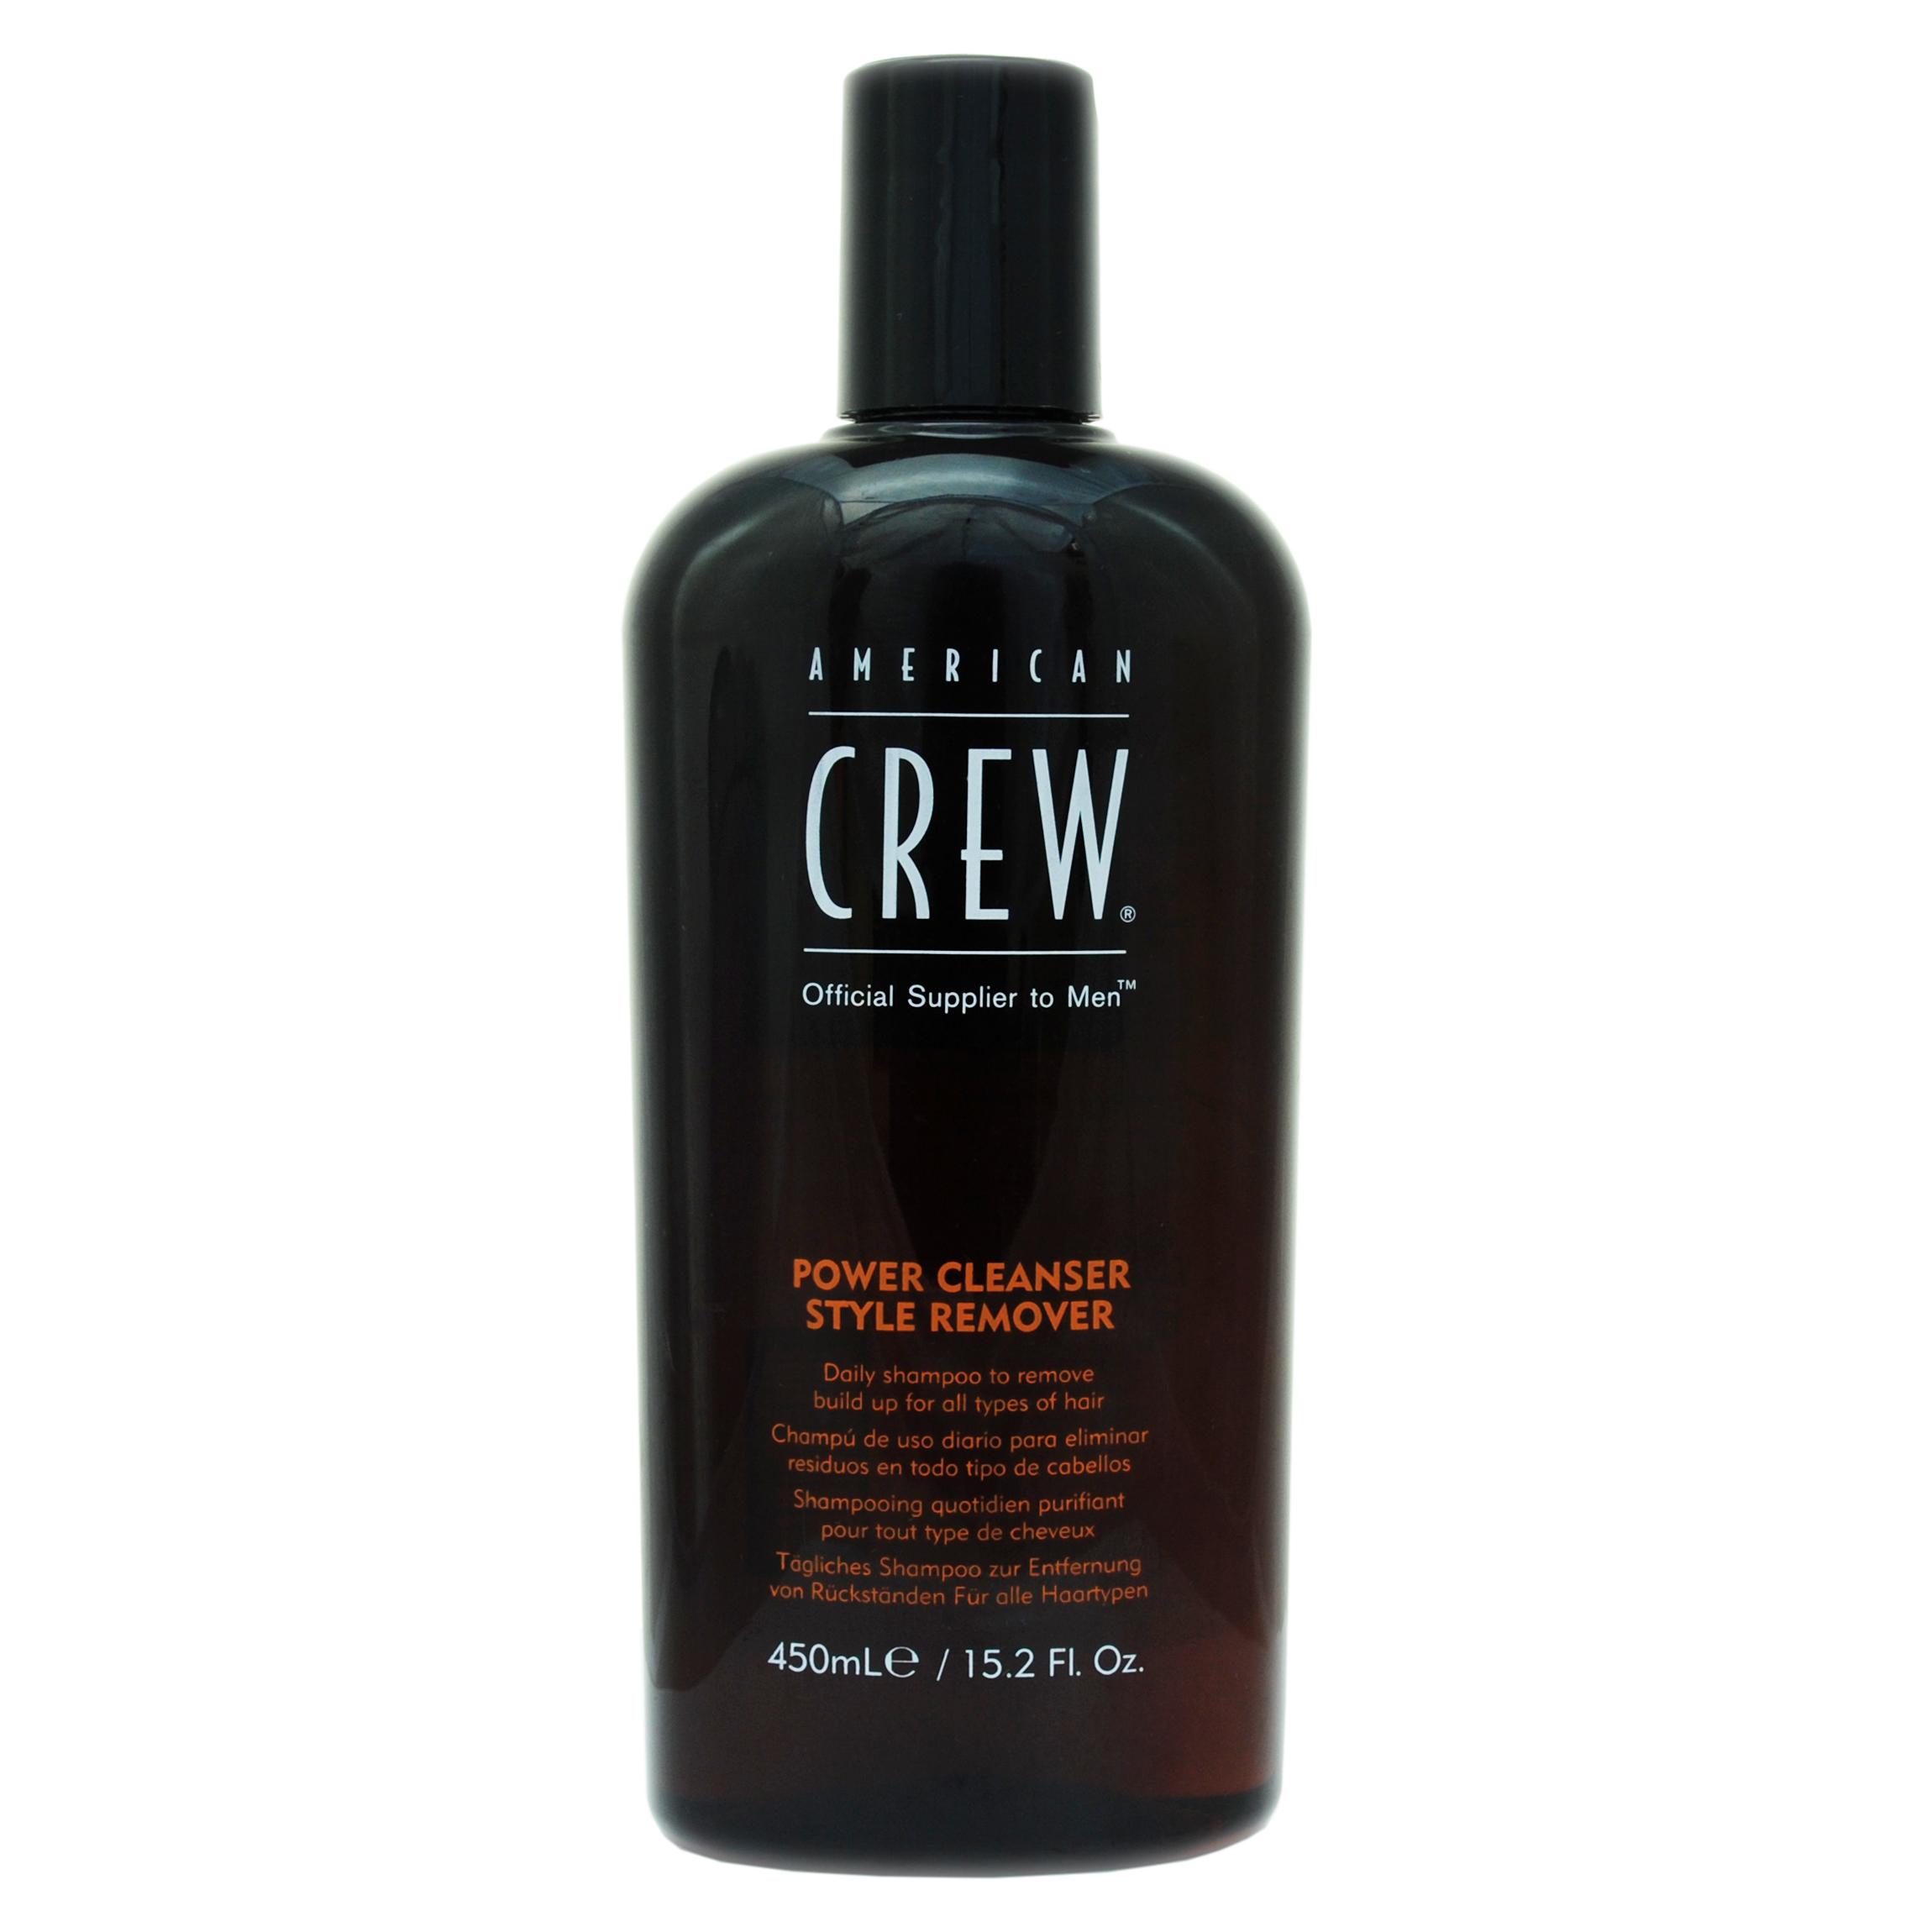 Шампунь для ежедневного ухода, очищающий волосы от укладочных средств 450 мл (American Crew, Для тела и волос) power cleanser style remover ежедневный очищающий шампунь 1000 мл american crew для тела и волос